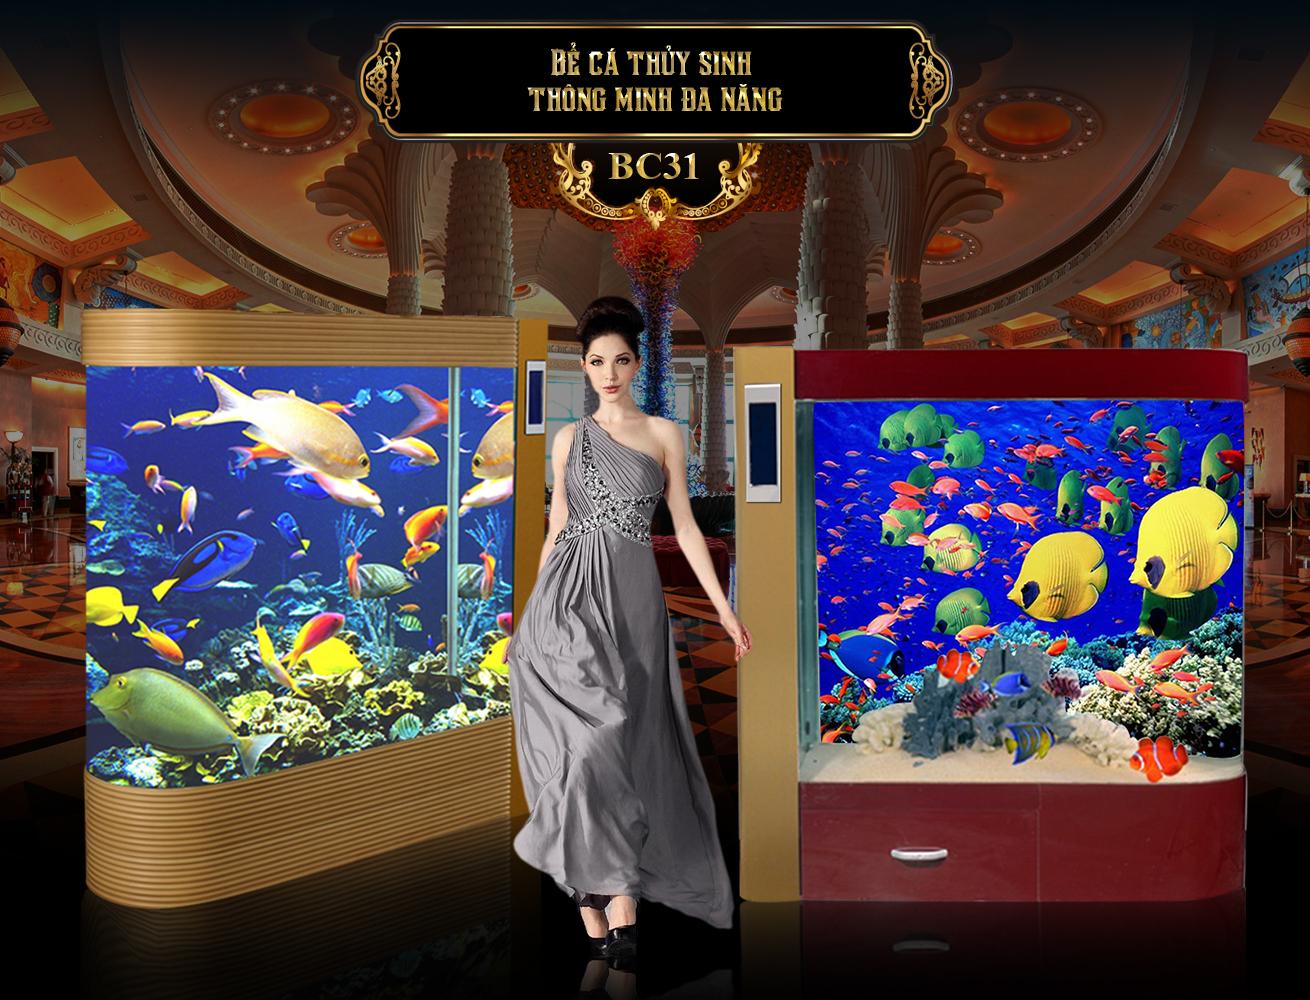 Banner bể cá thủy sinh, bể cá phong thủy đẹp